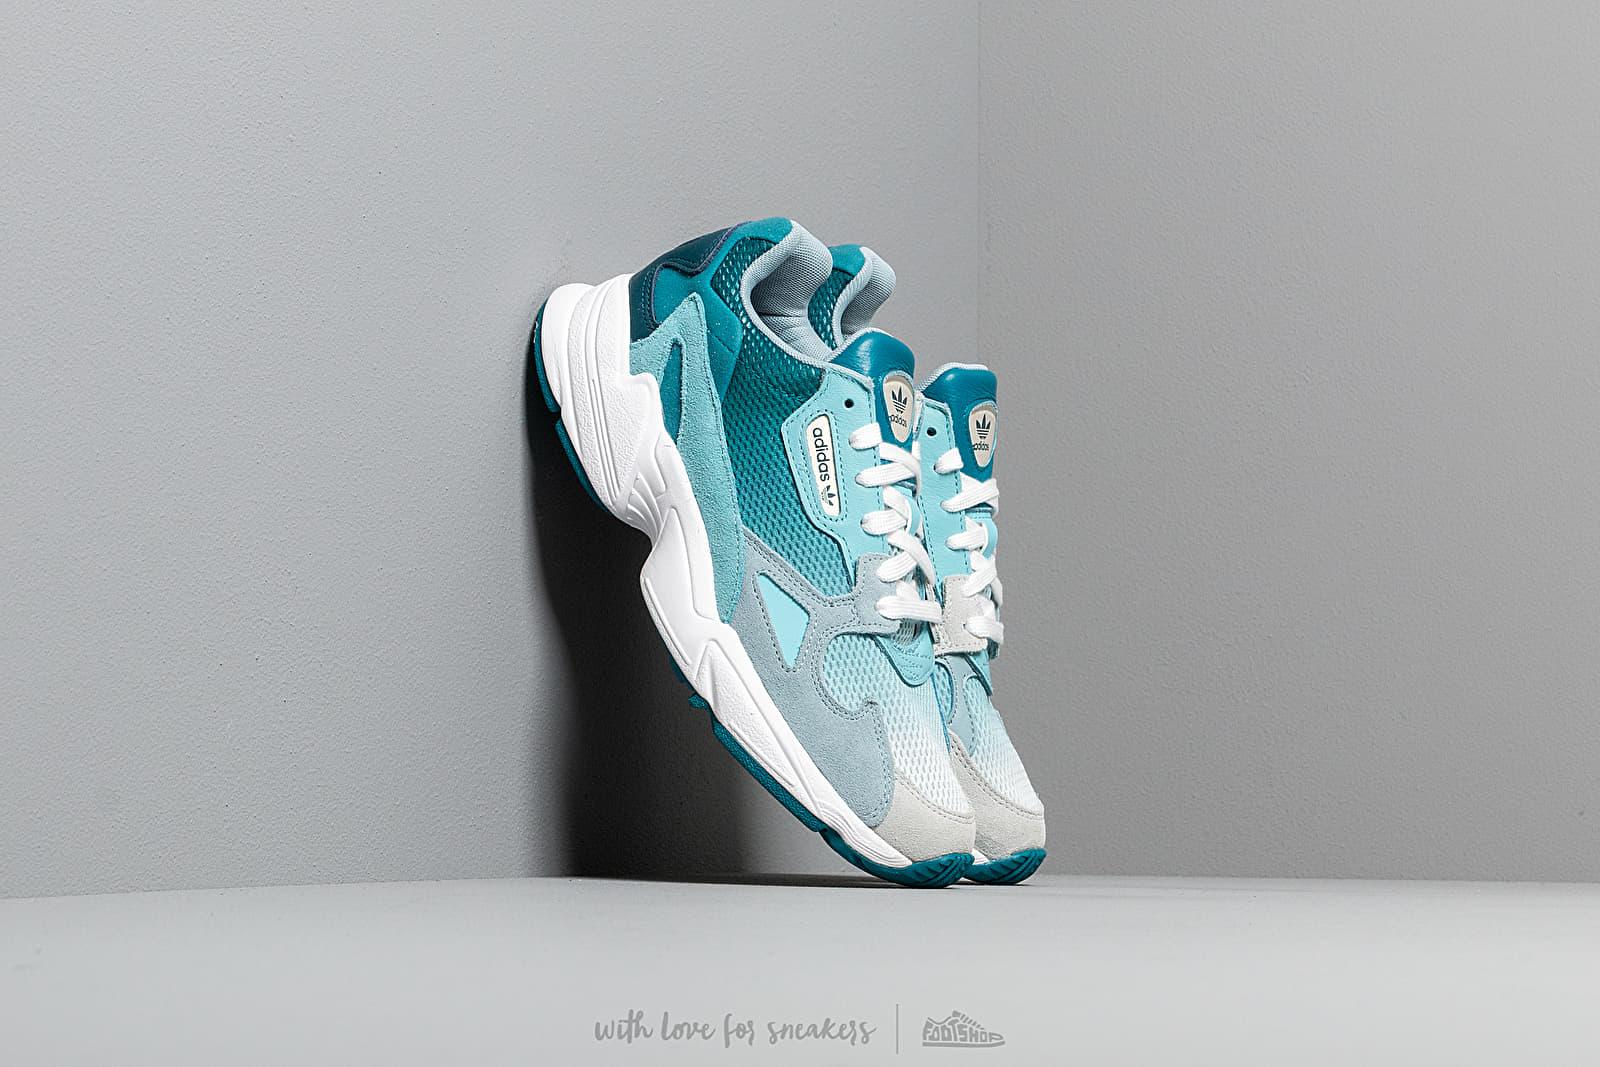 adidas Falcon W Blue Tint/ Light Aqua/ Ash Grey za skvělou cenu 2 490 Kč koupíte na Footshop.cz